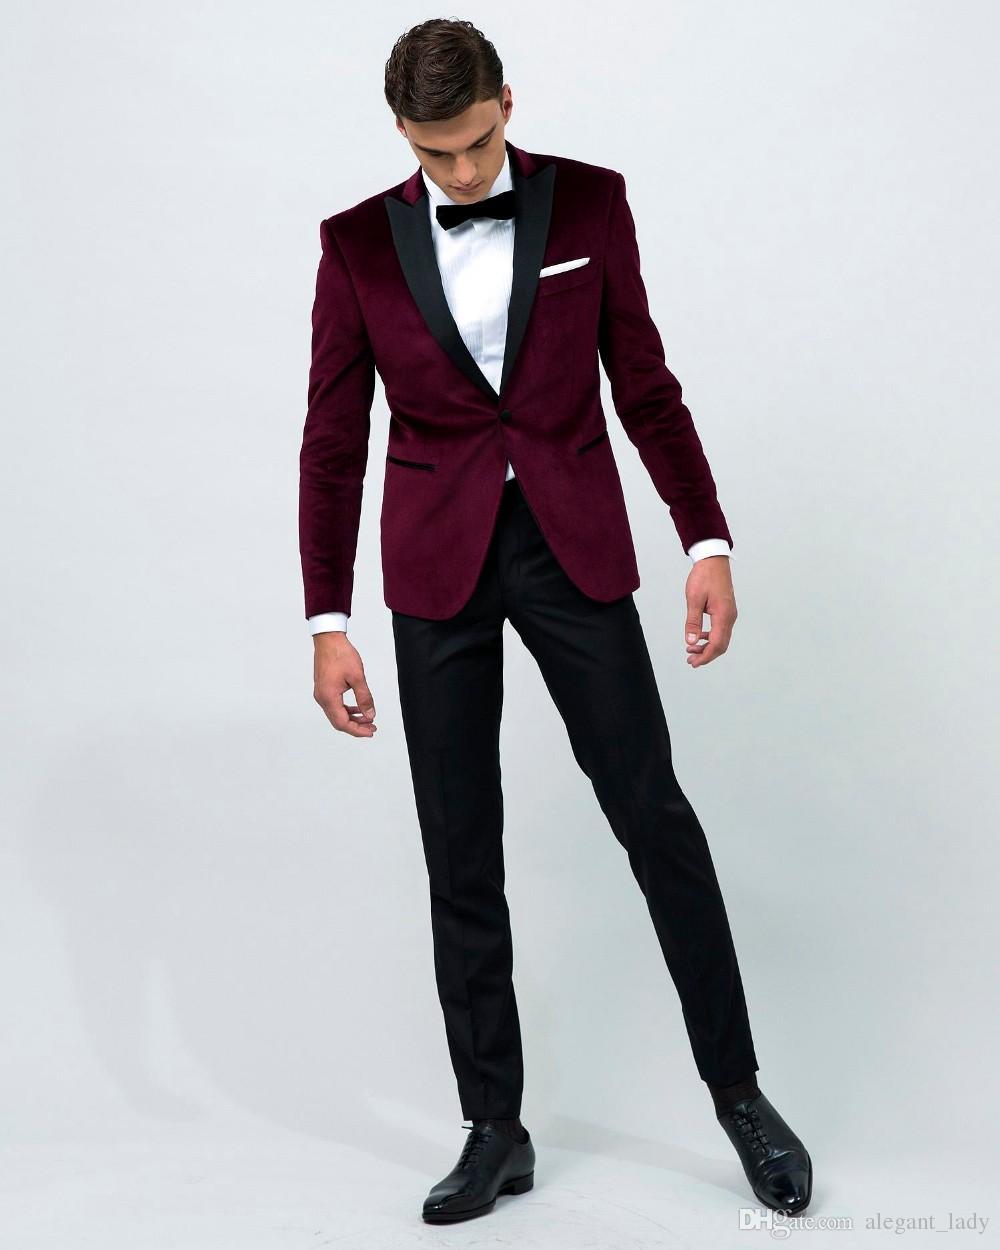 Airtailors vintage Kadife Şarap Kırmızı Tepe Yaka Smokin / erkekler için düğün Suit / Damat özel giyim giymek ceket + pantolon + yay